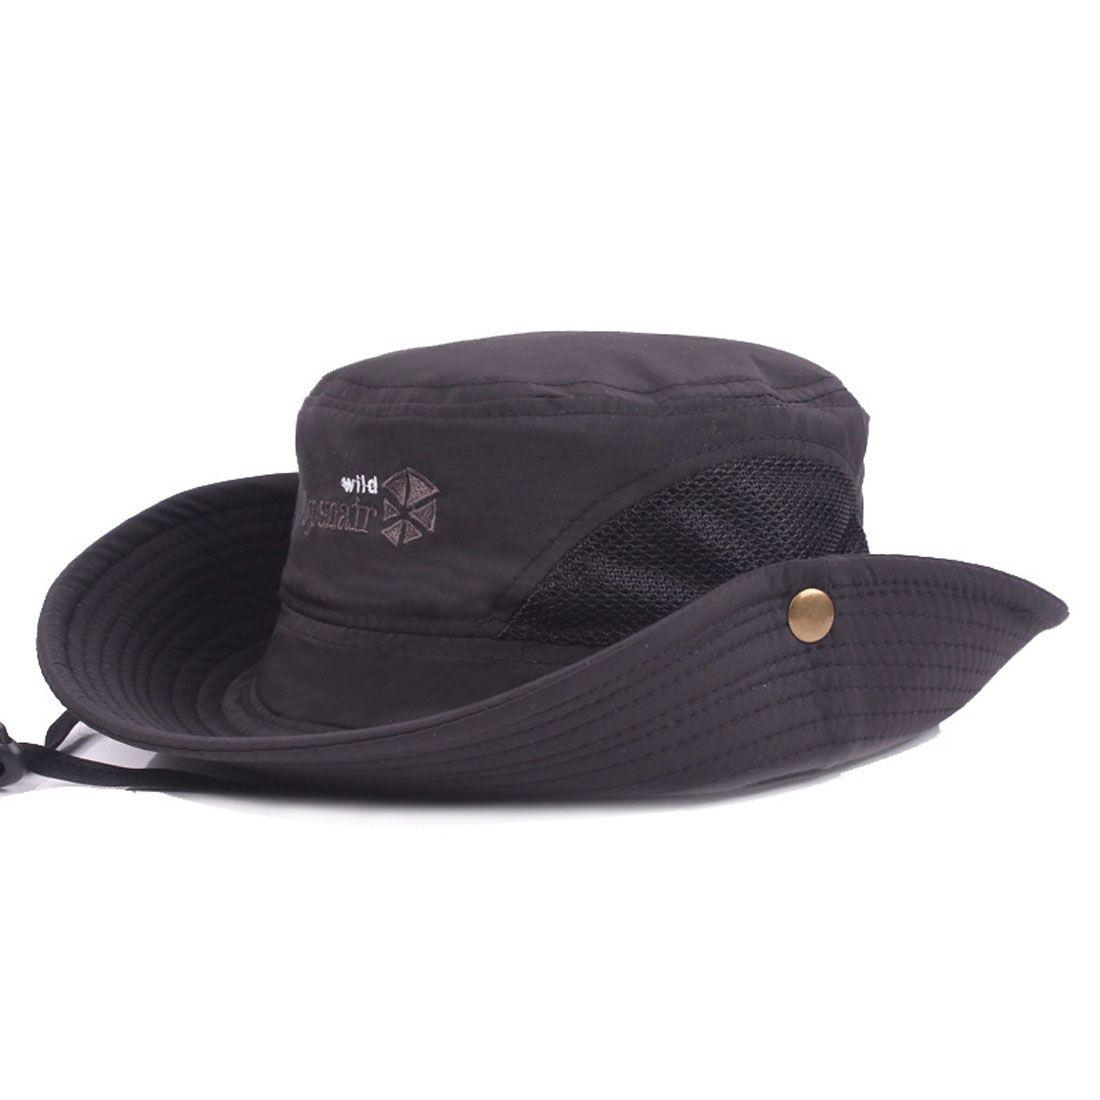 Acquista Uomo Donna Cotone Fisher Caps Cappello A Tesa Larga Cappello  Esterno Cappello Boonie Cowboy Cappello Da Safari Pesca Golf Escursionismo  Caccia Al ... de068d5834b6